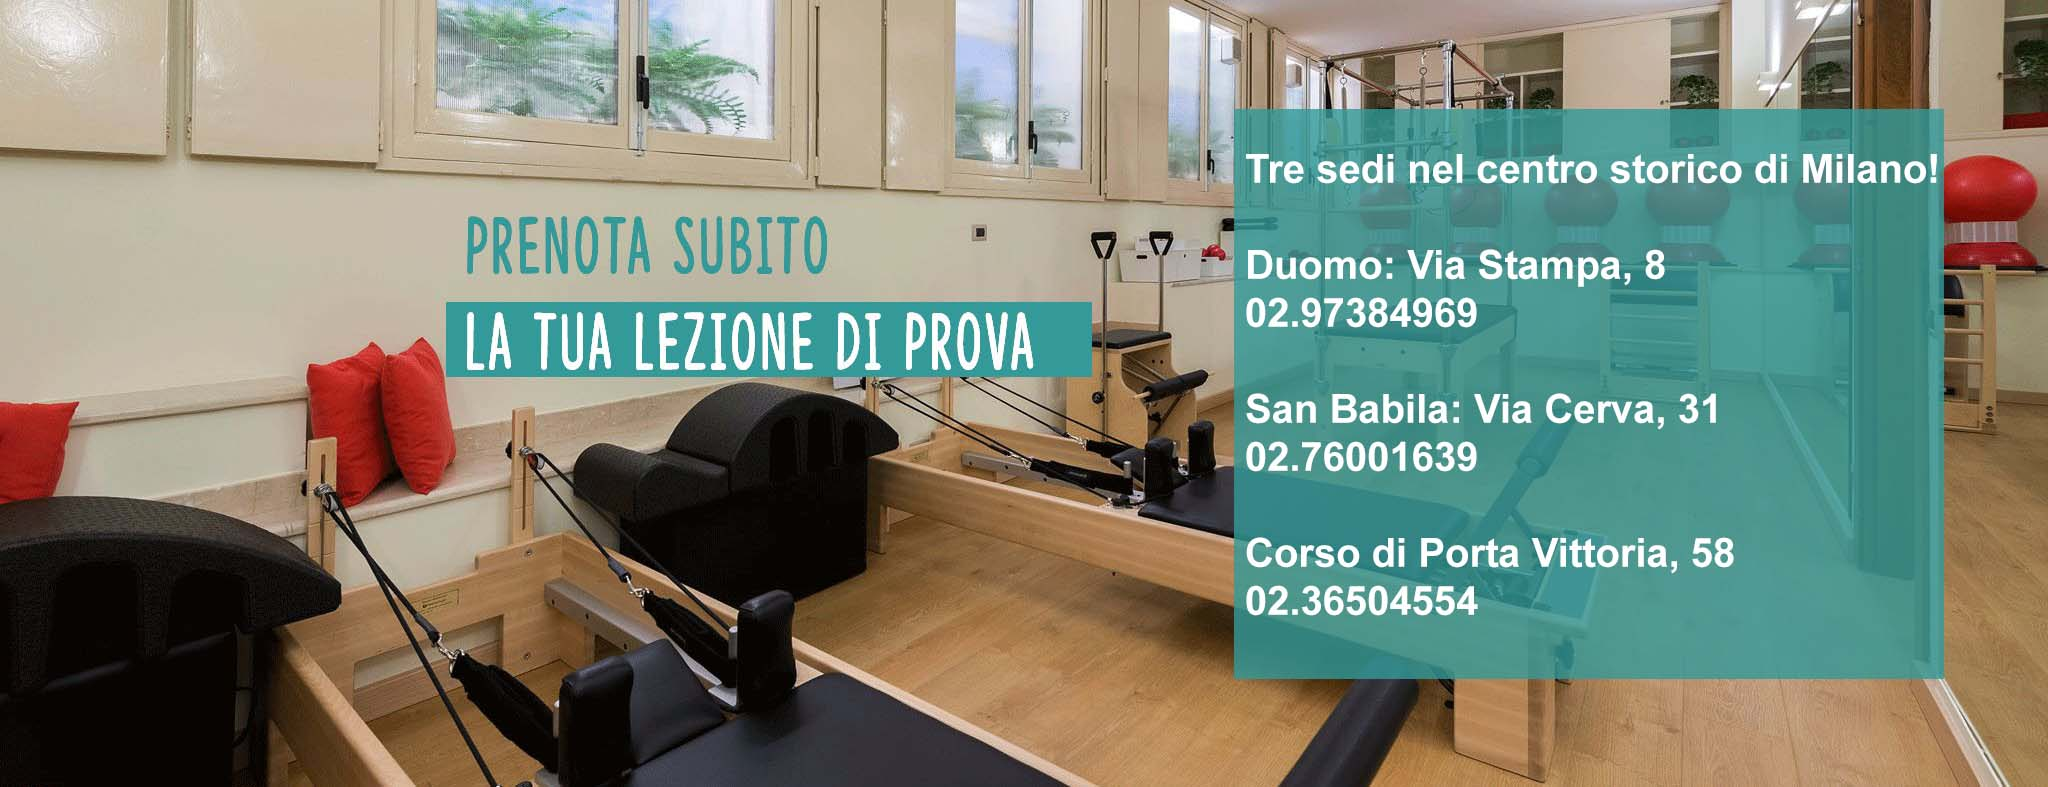 Pilates Via Giuseppe Dezza Milano - Prenota subito la tua lezione di prova